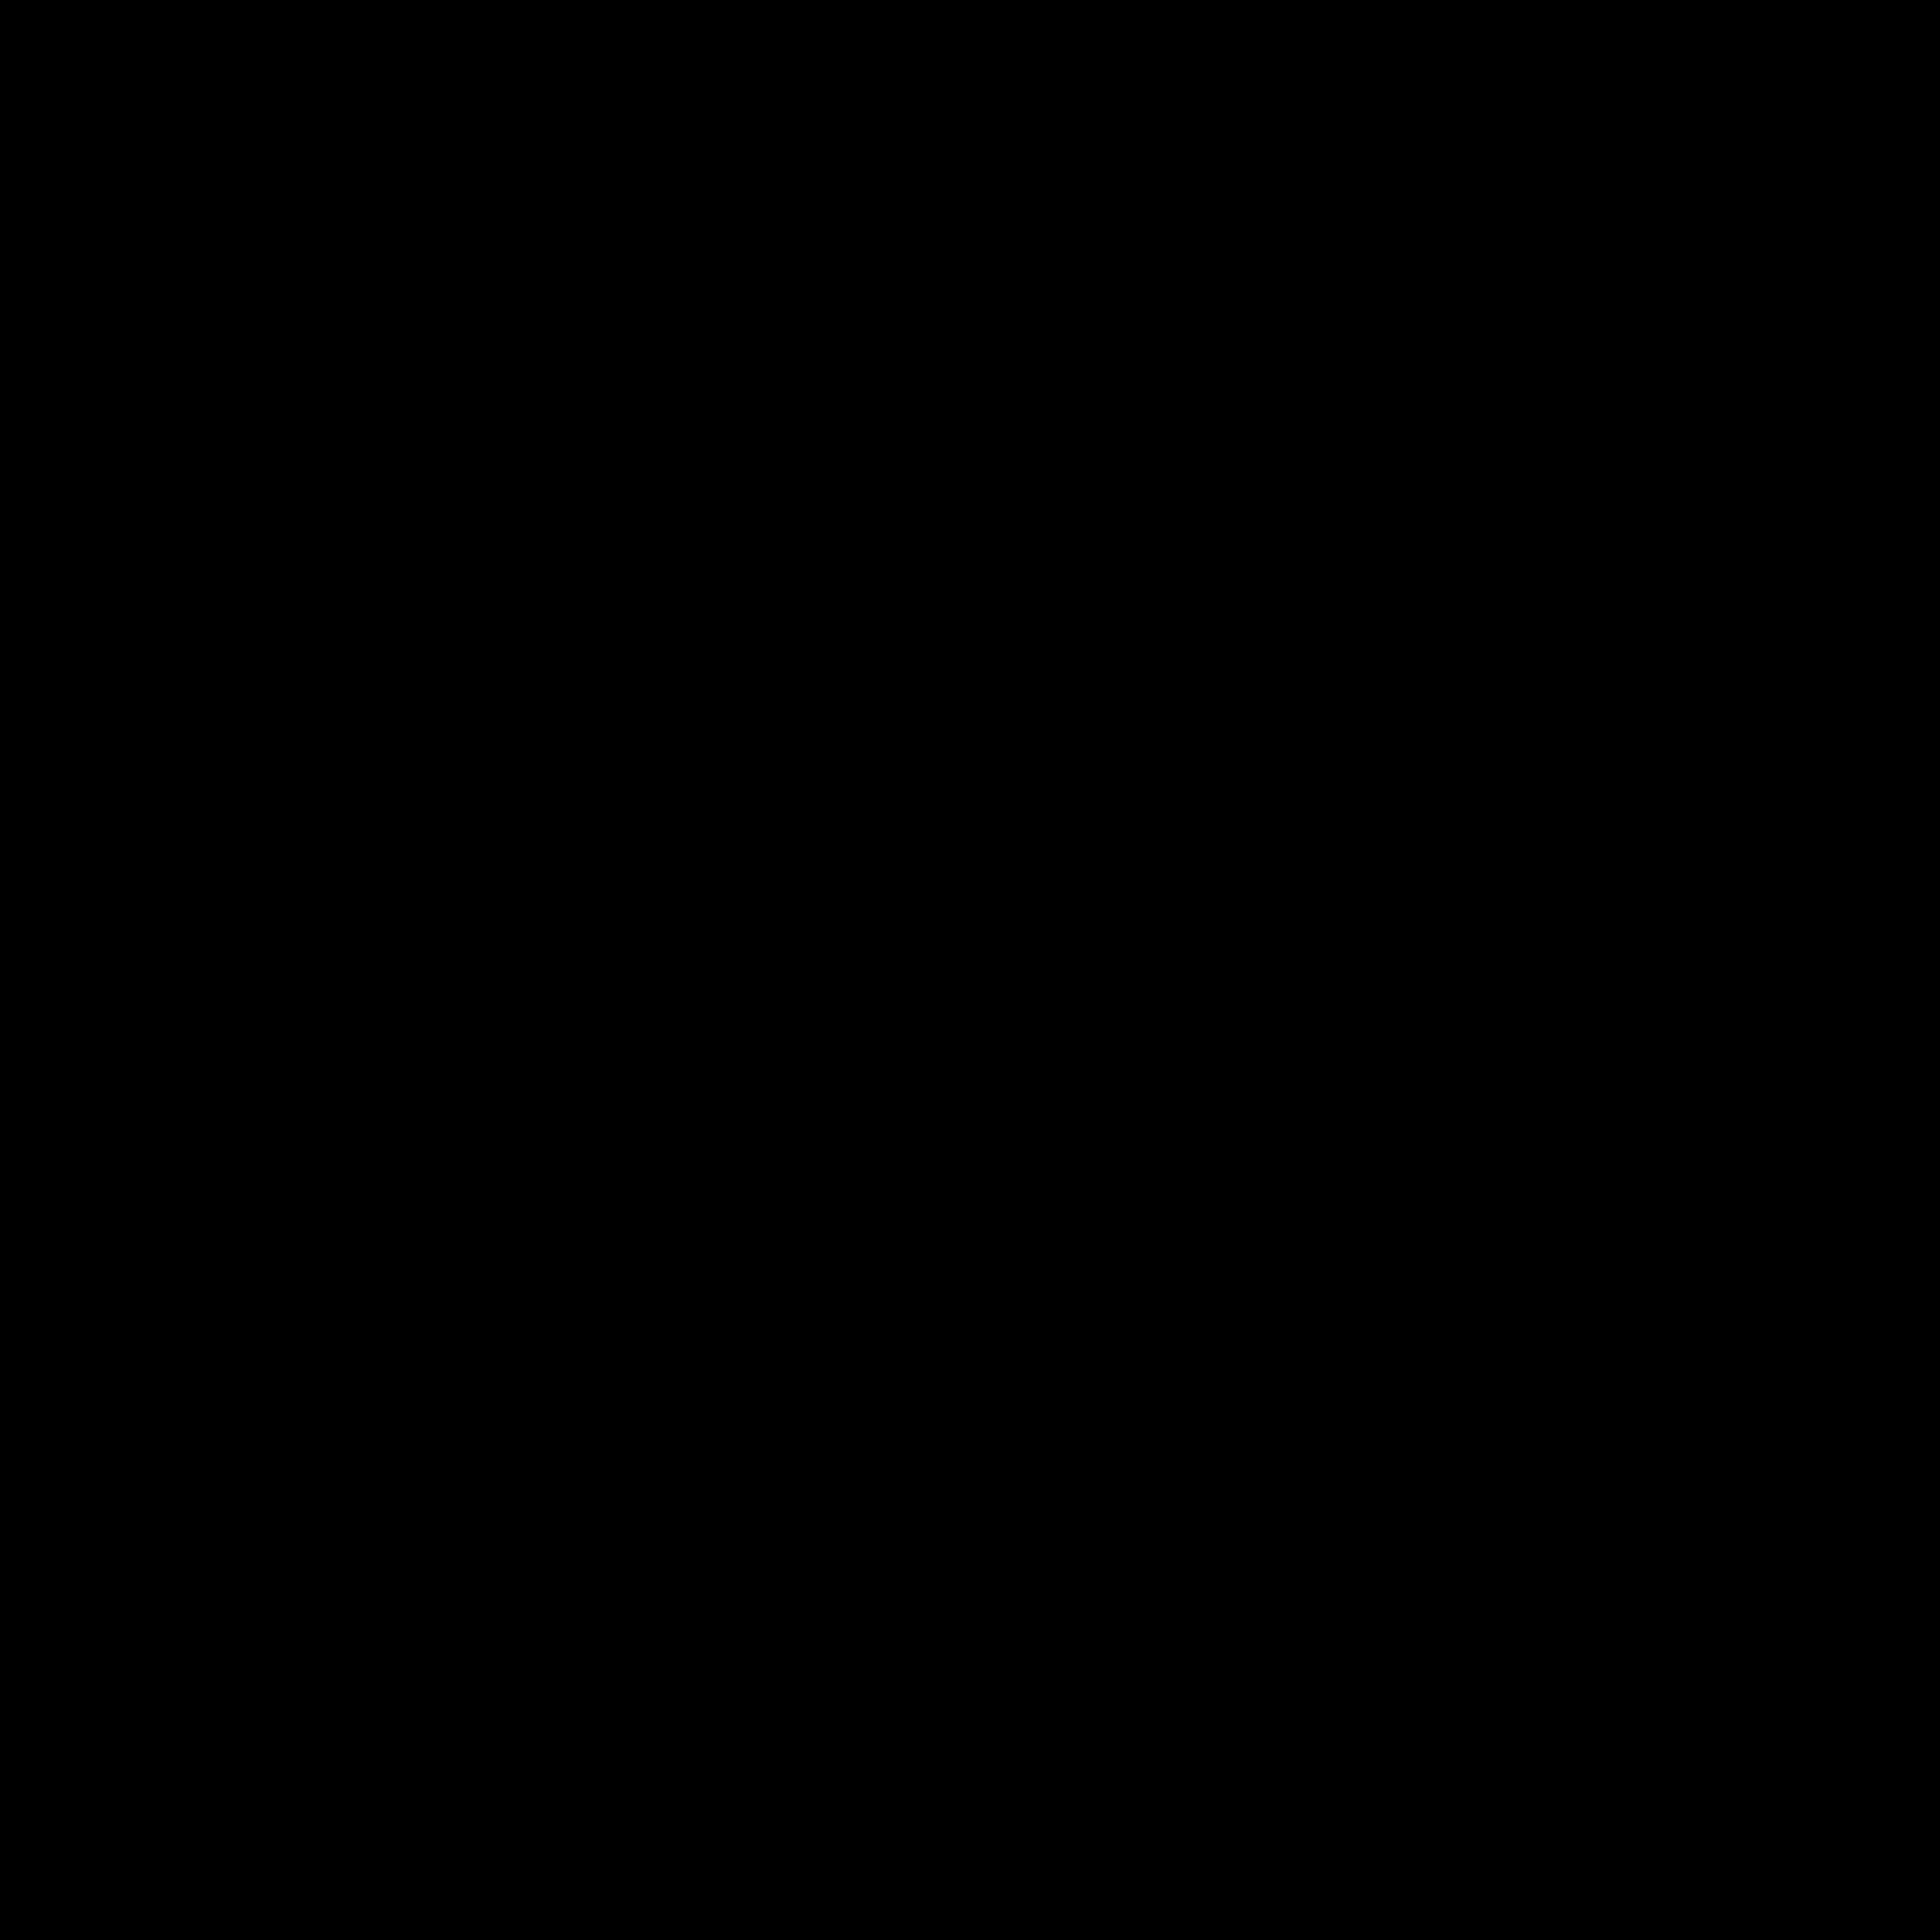 Tide & Coast